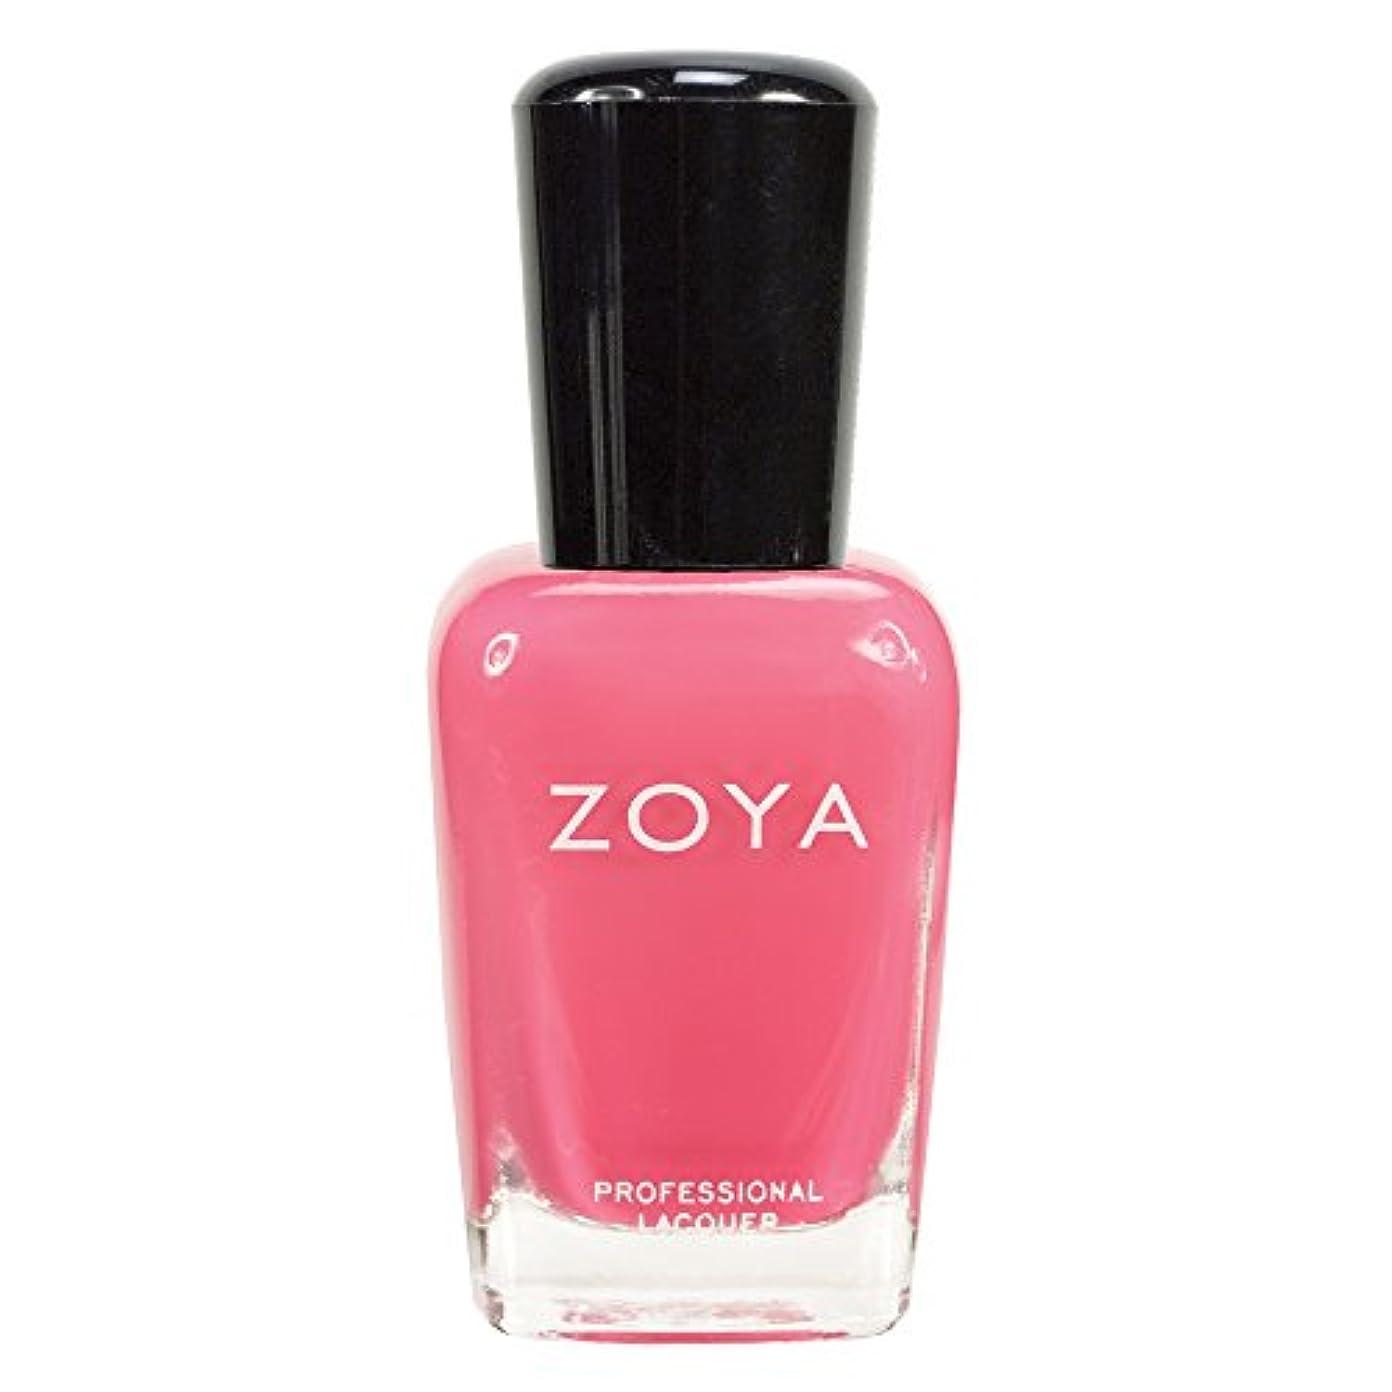 ZOYA ゾーヤ ネイルカラーZP440 LO ロー 15ml キュートなパステルピンク マット/クリーム 爪にやさしいネイルラッカーマニキュア